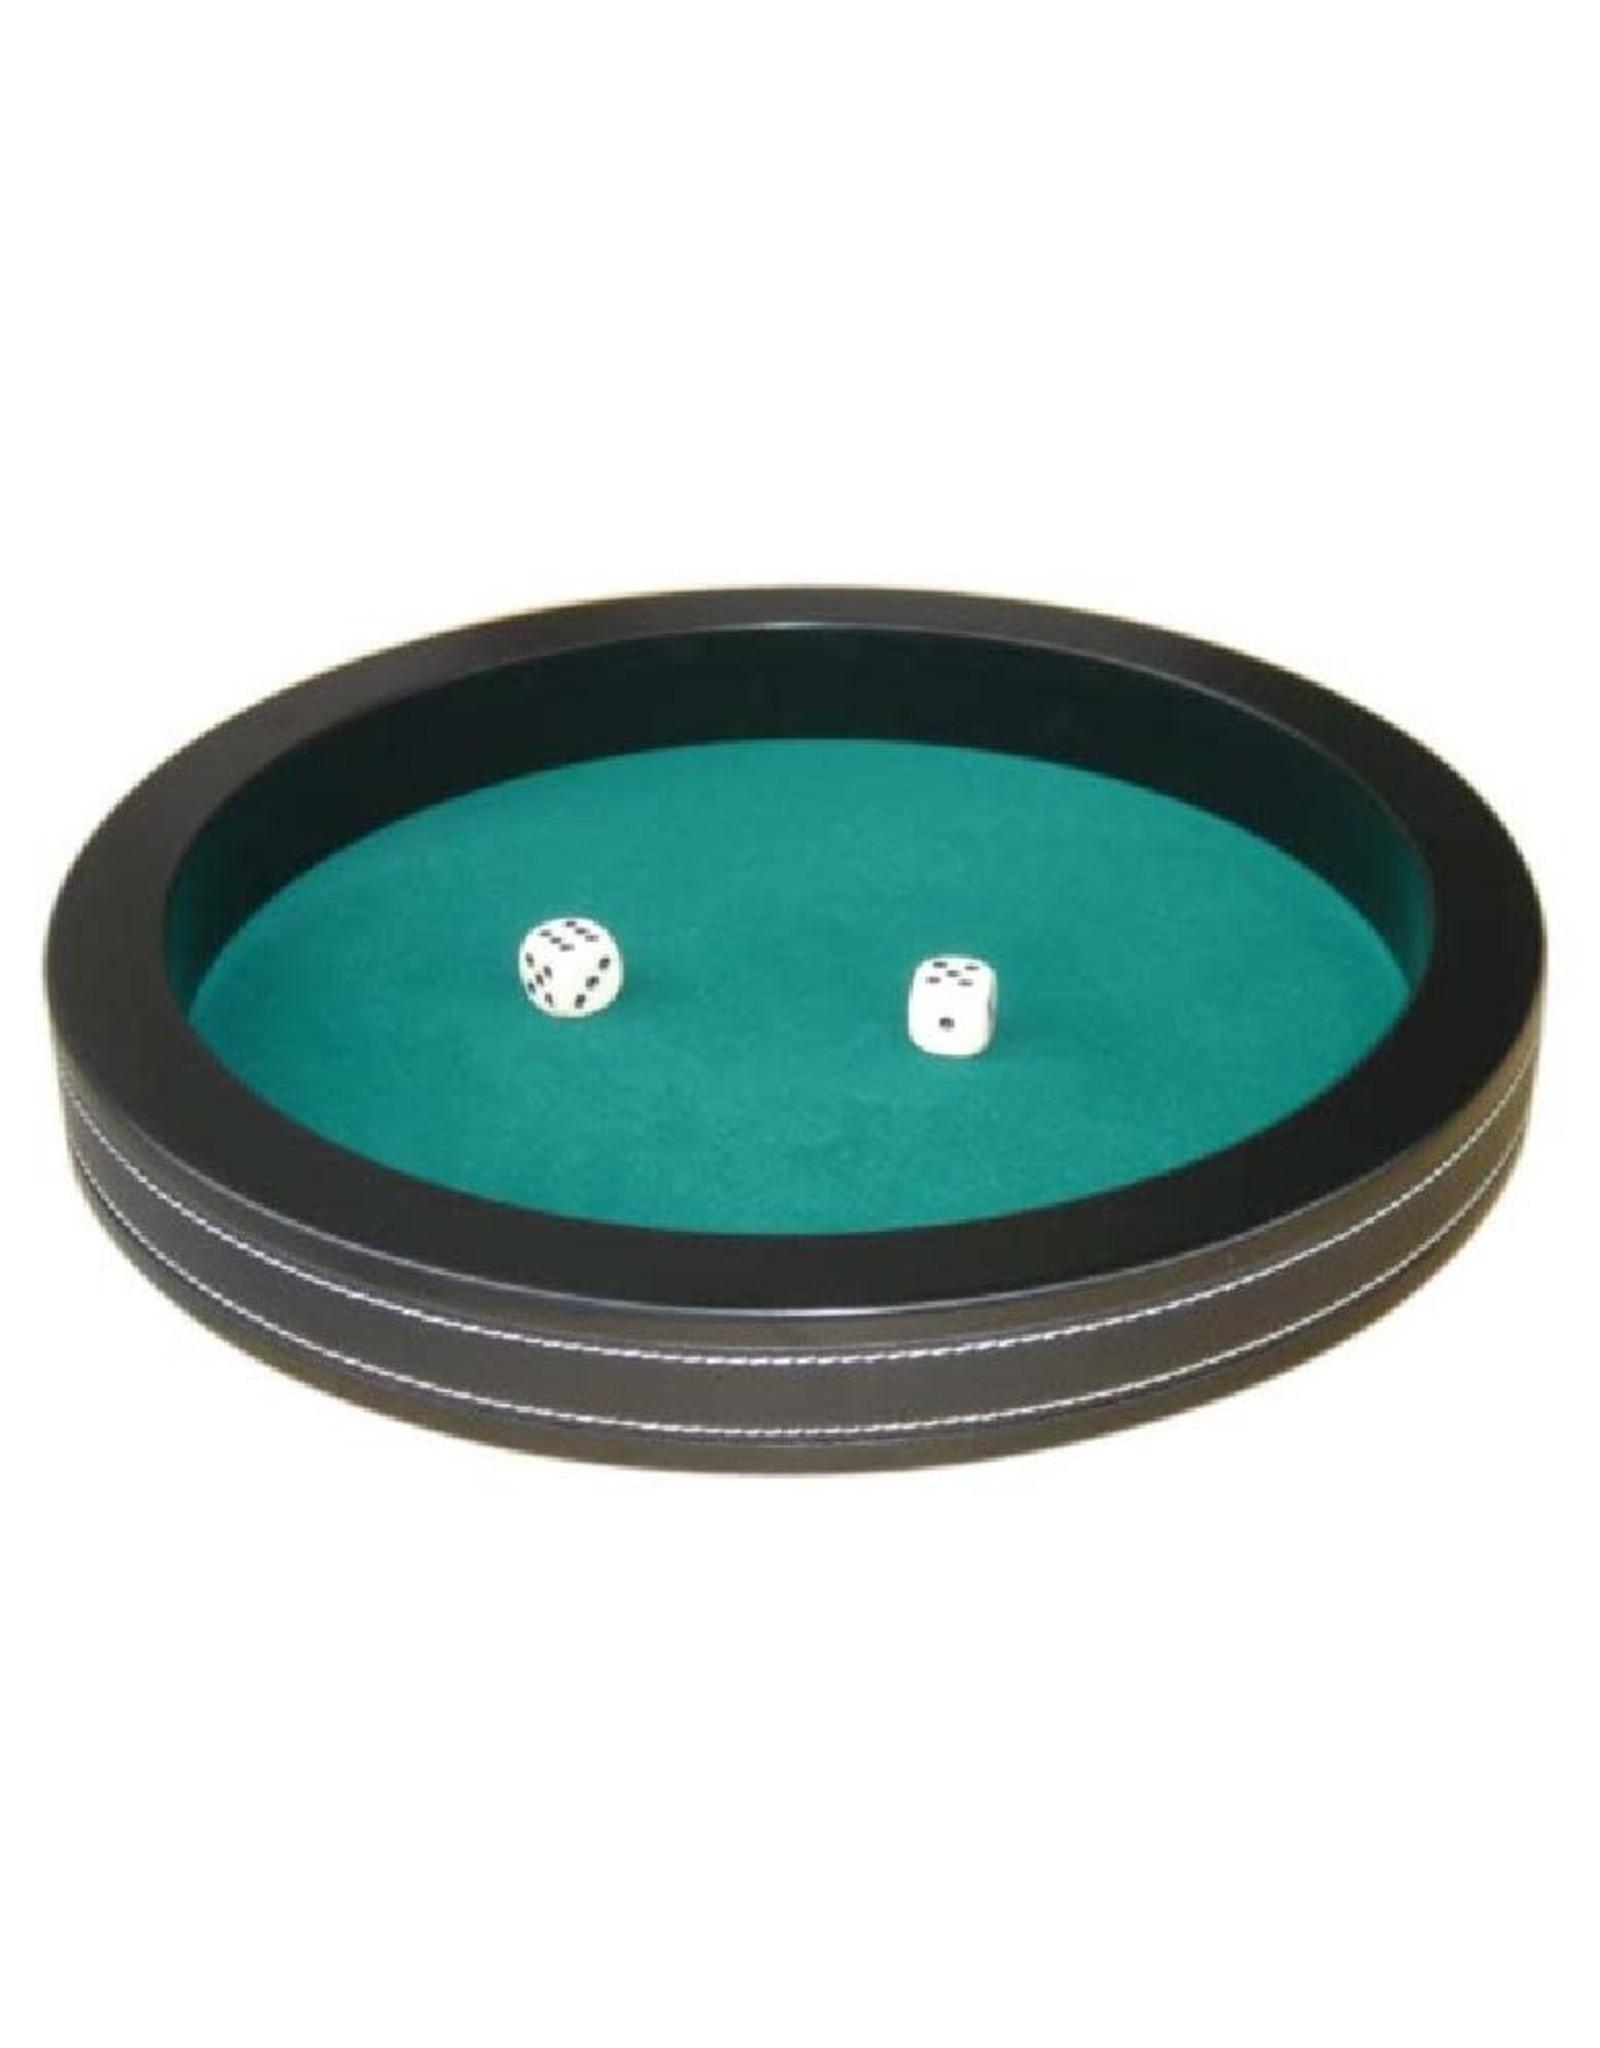 Dobbelpiste groen 30 cm